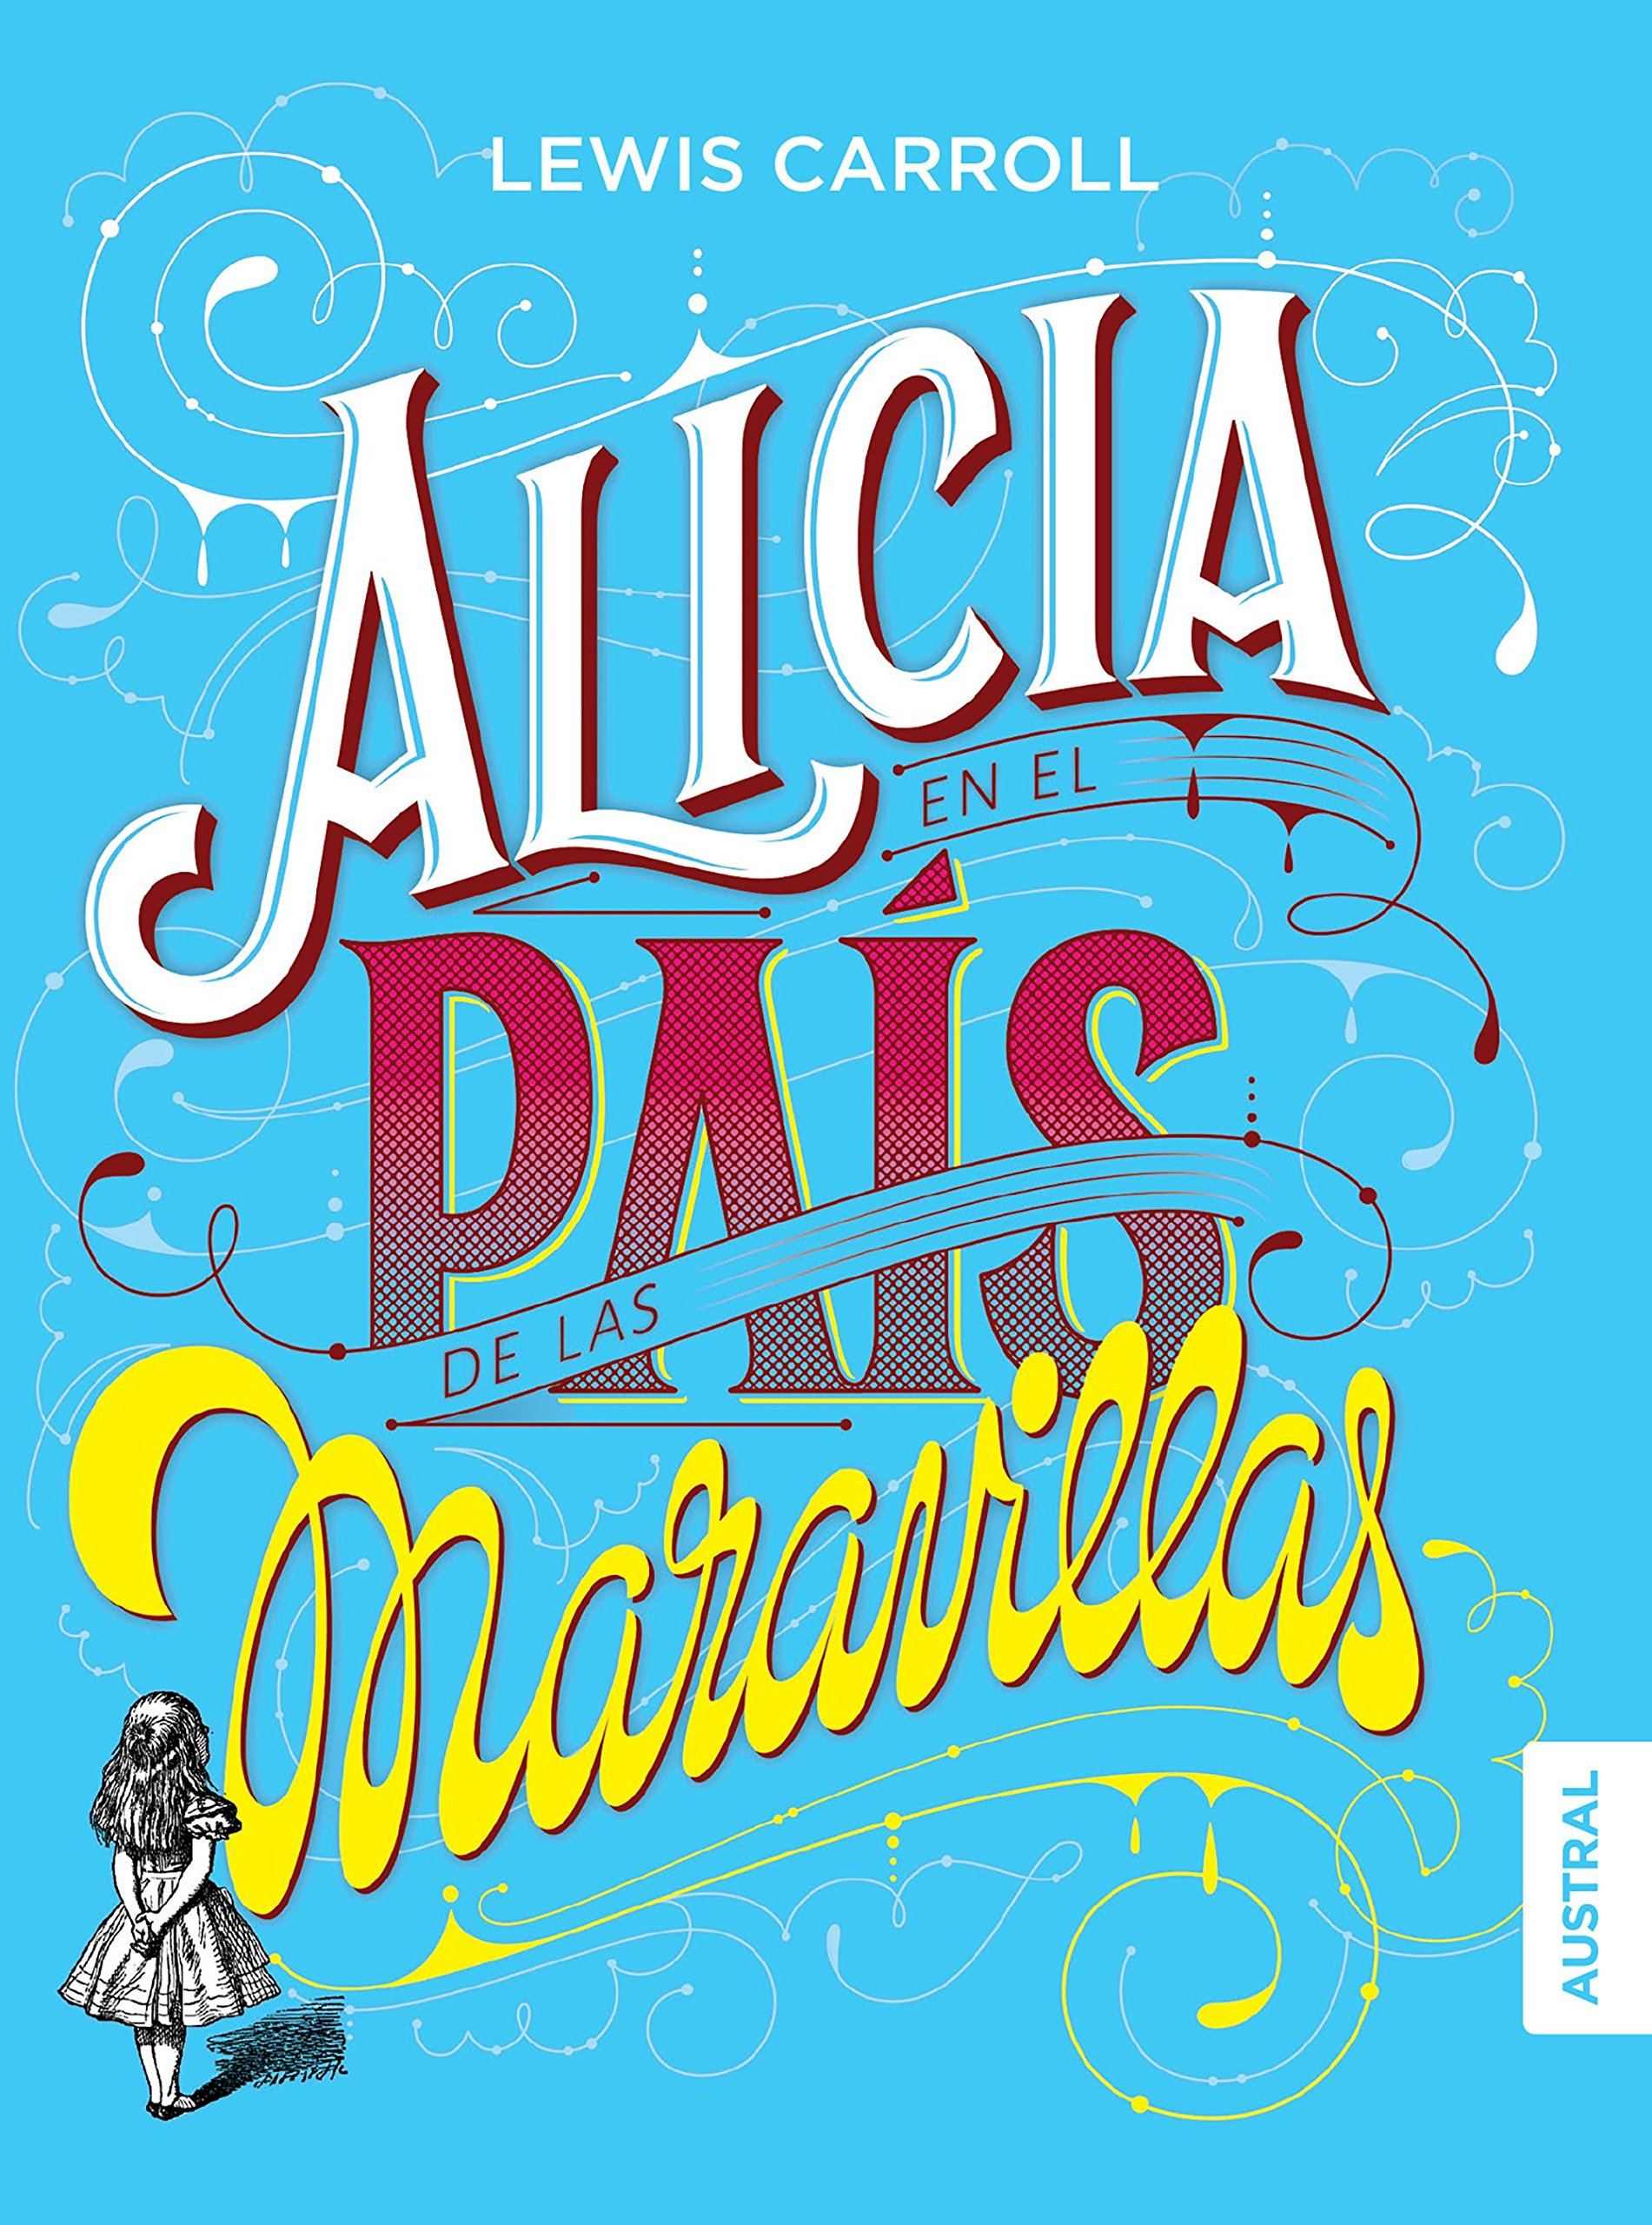 Alicia en el pais de las maravillas (Spanish Edition): Lewis Carroll: 9786070749117: Amazon.com: Books